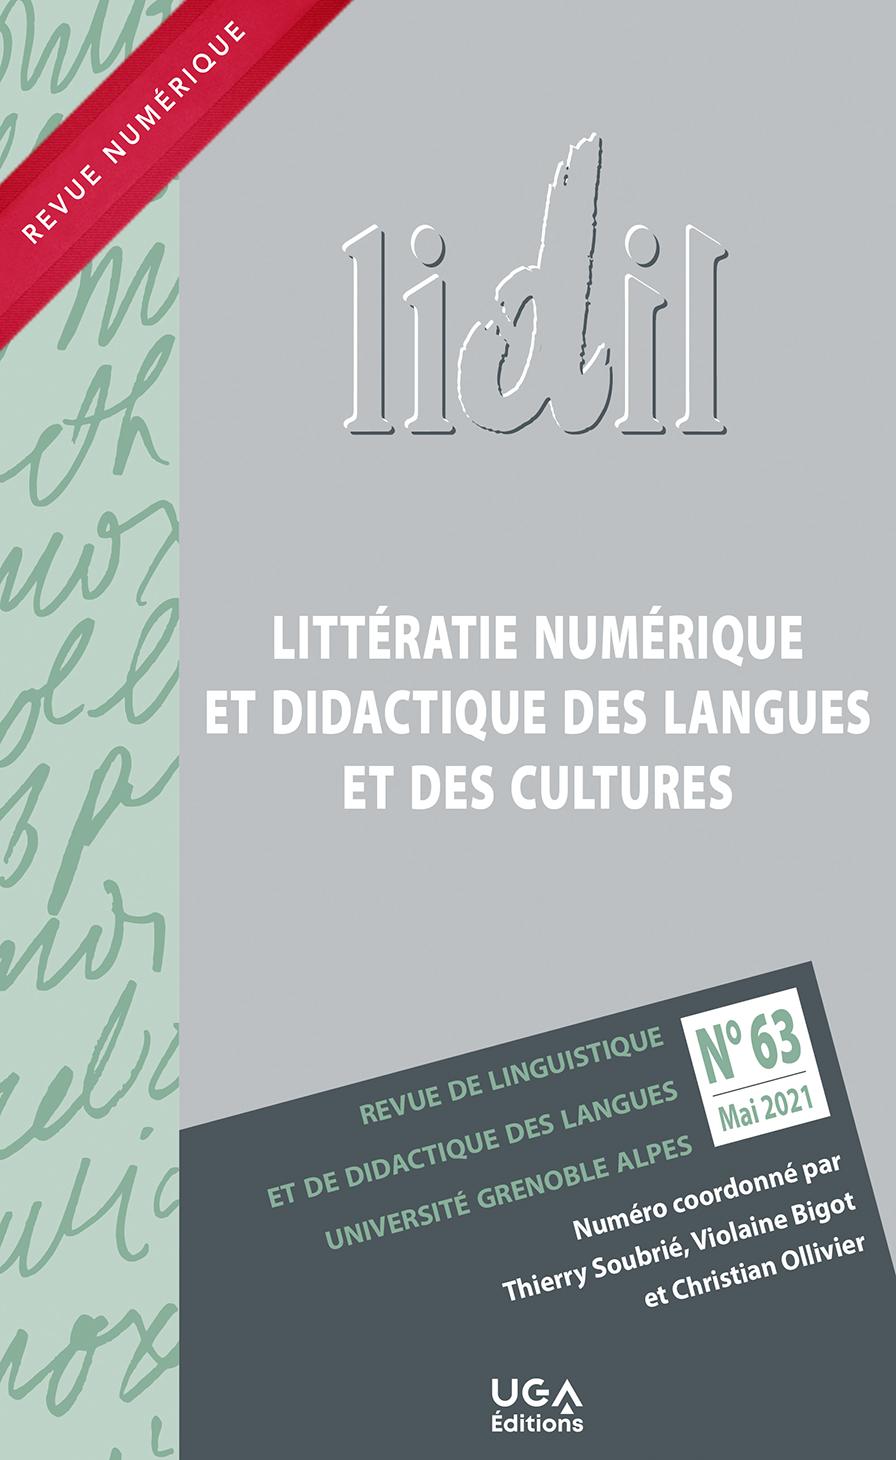 Lidil, n° 63: